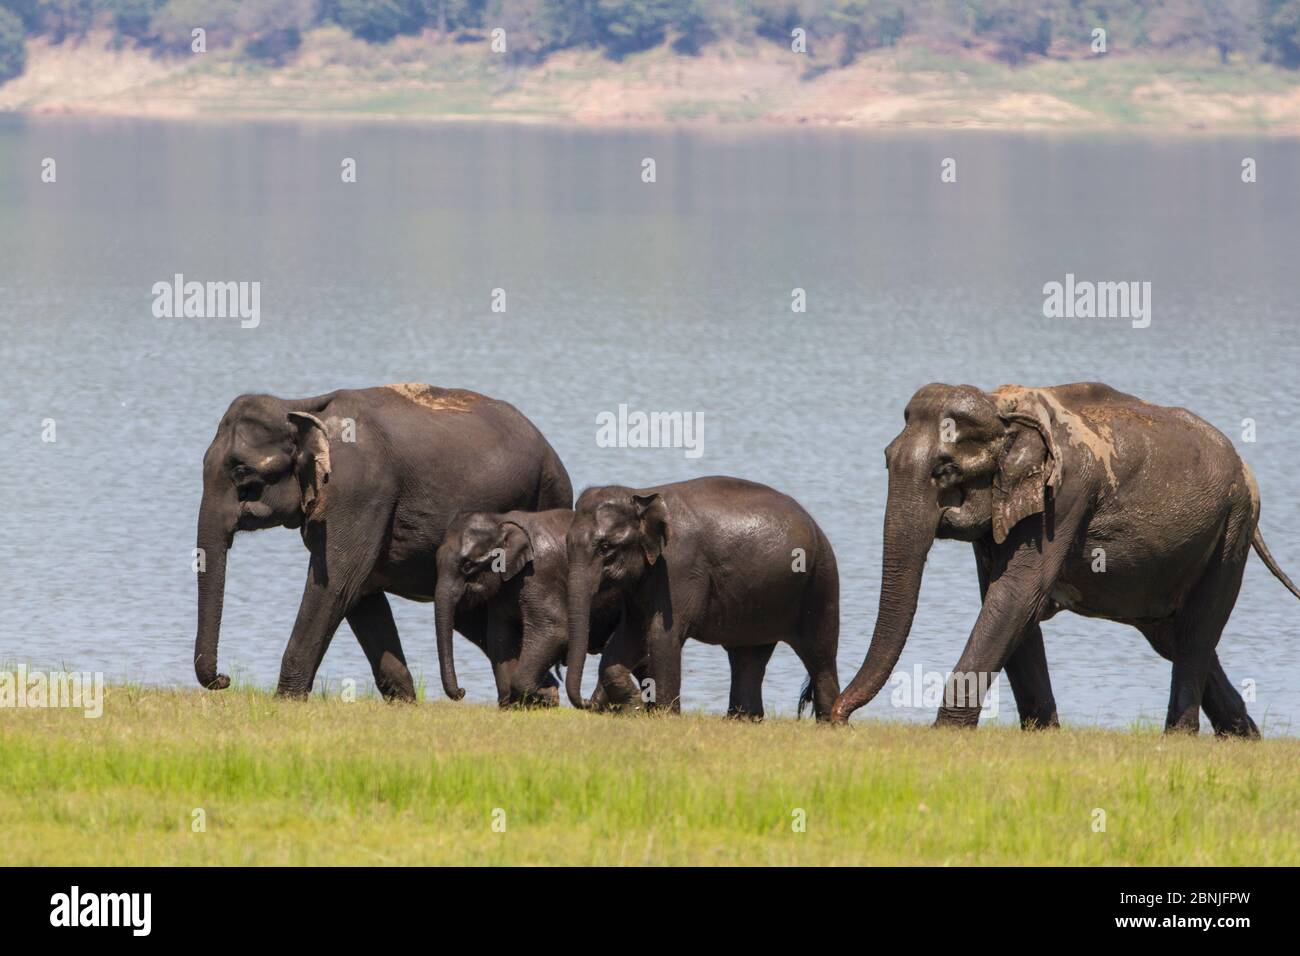 Elefante asiático (Elephas maximus), familia que sale del lago después de beber y bañarse. Jim Corbett National Park, India. Foto de stock